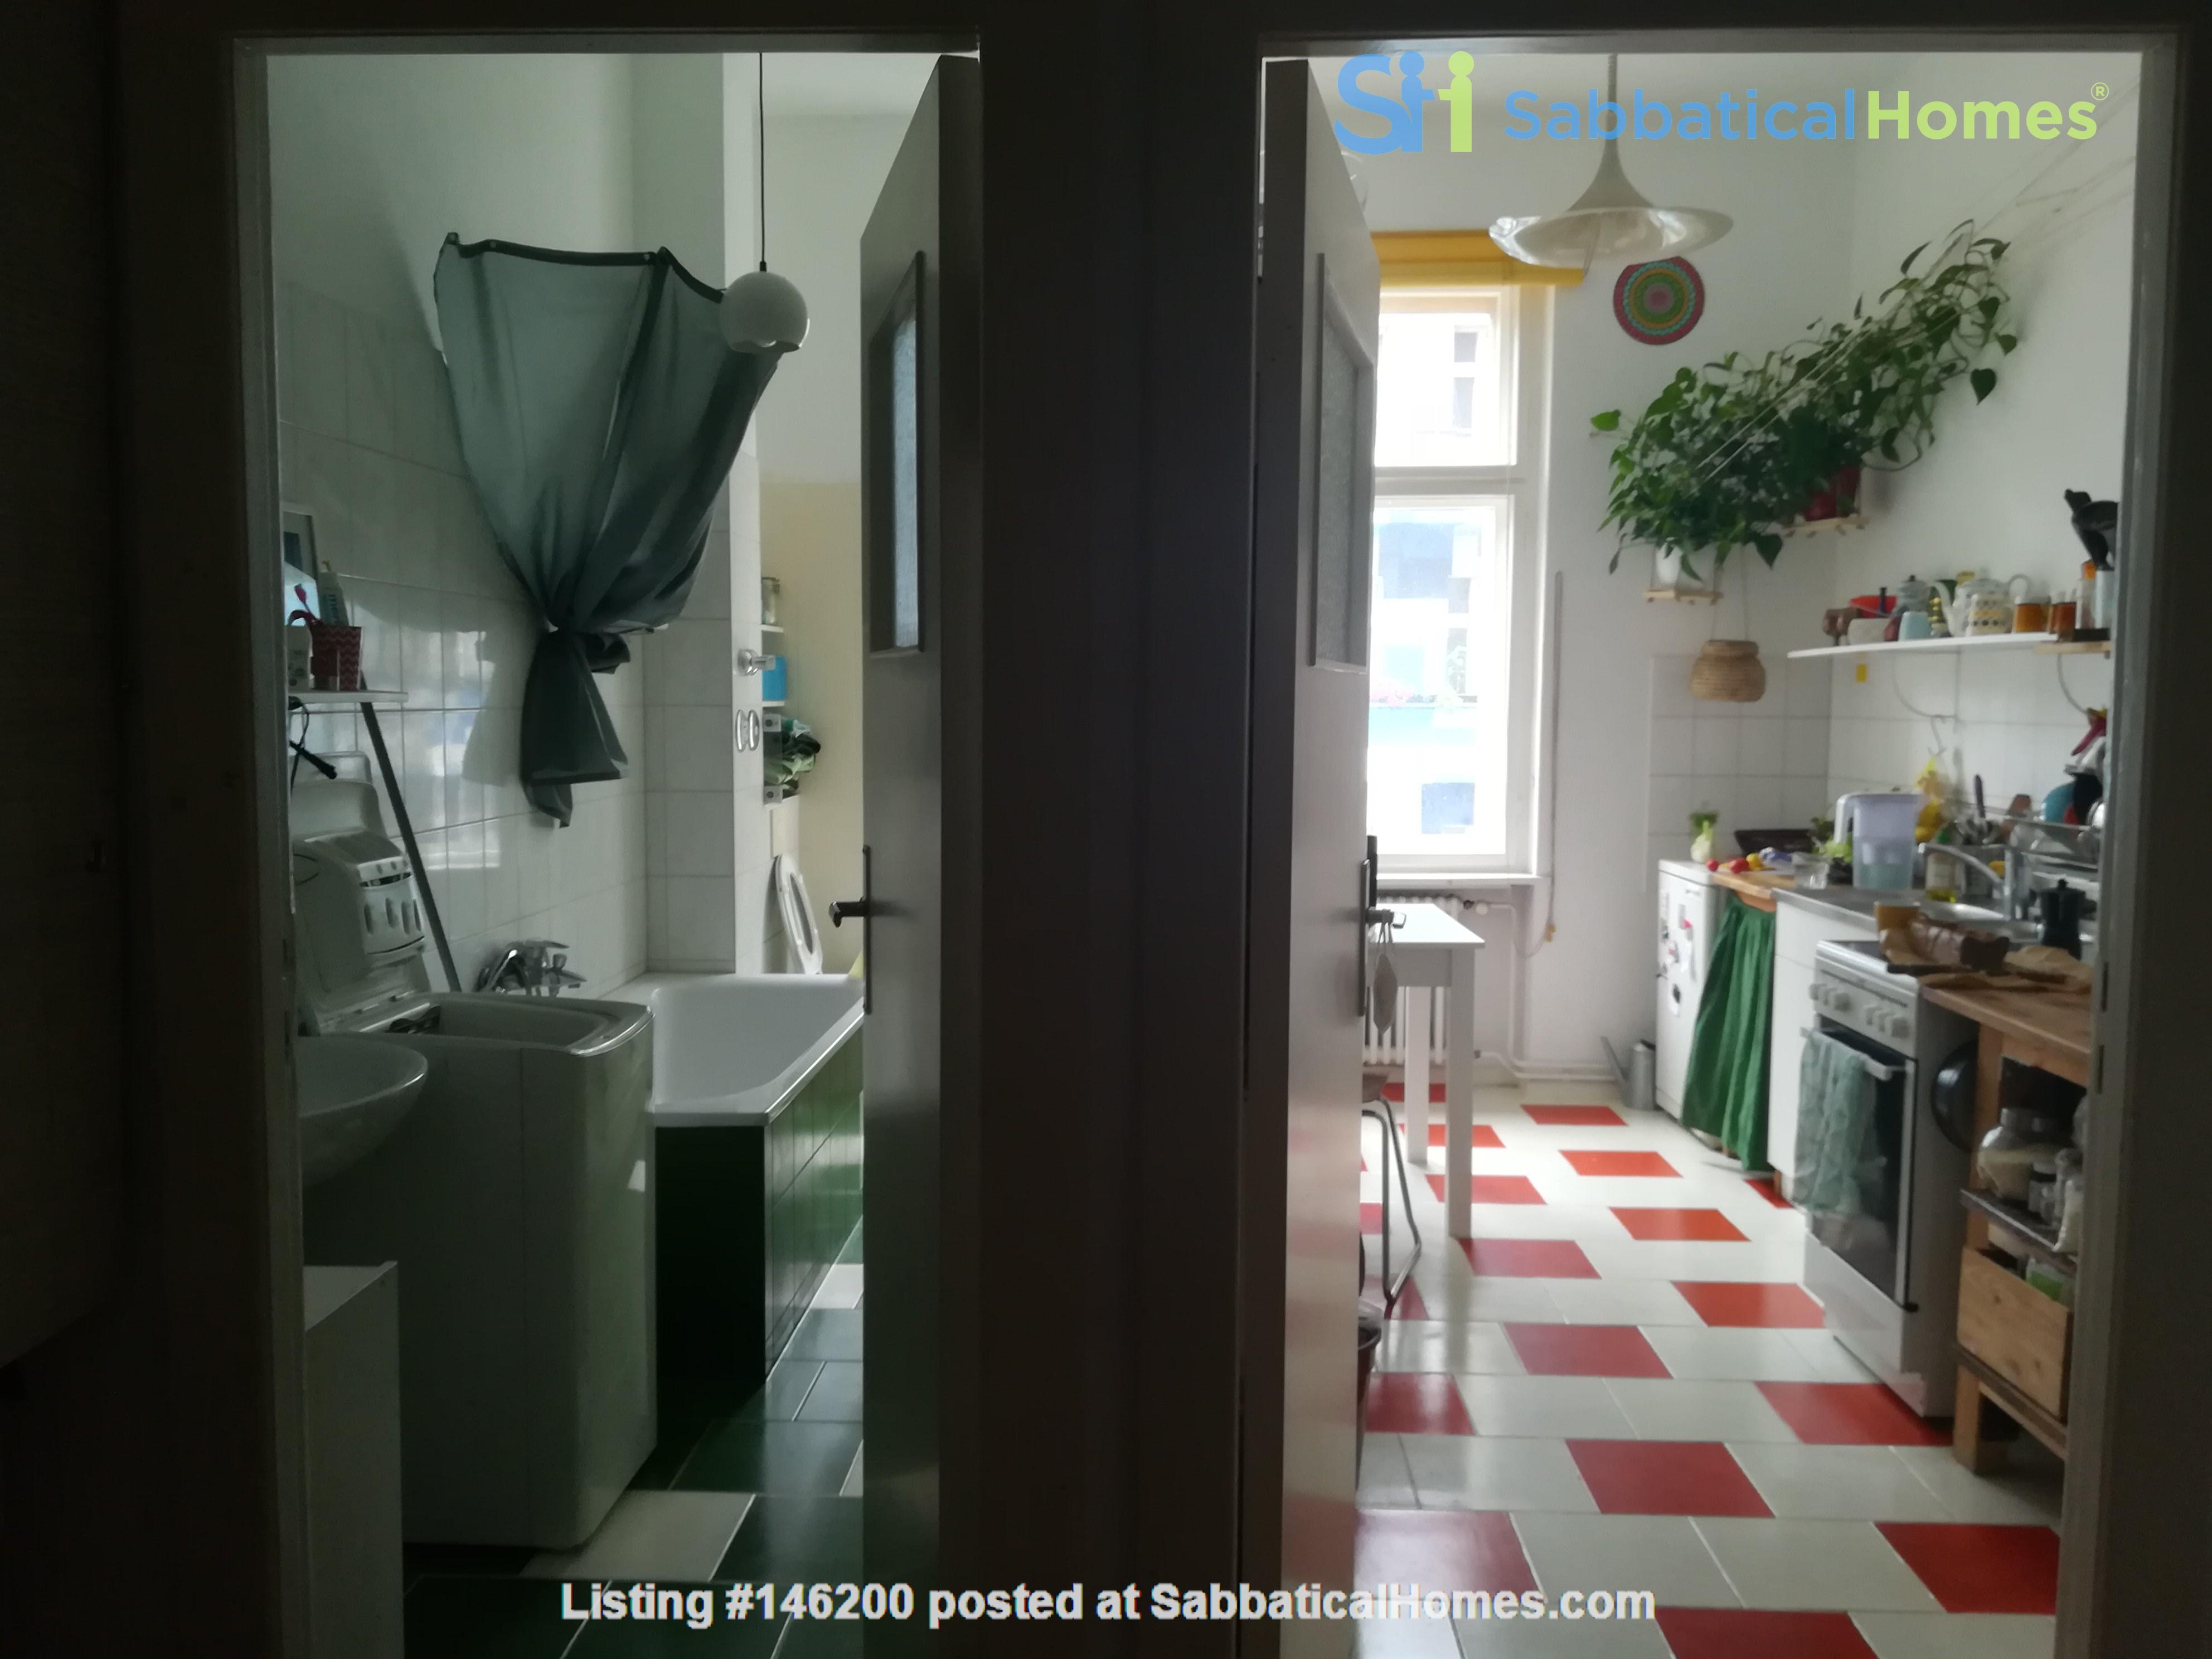 Renting place in Berlin, looking for place in Copenhagen Home Exchange in Berlin 2